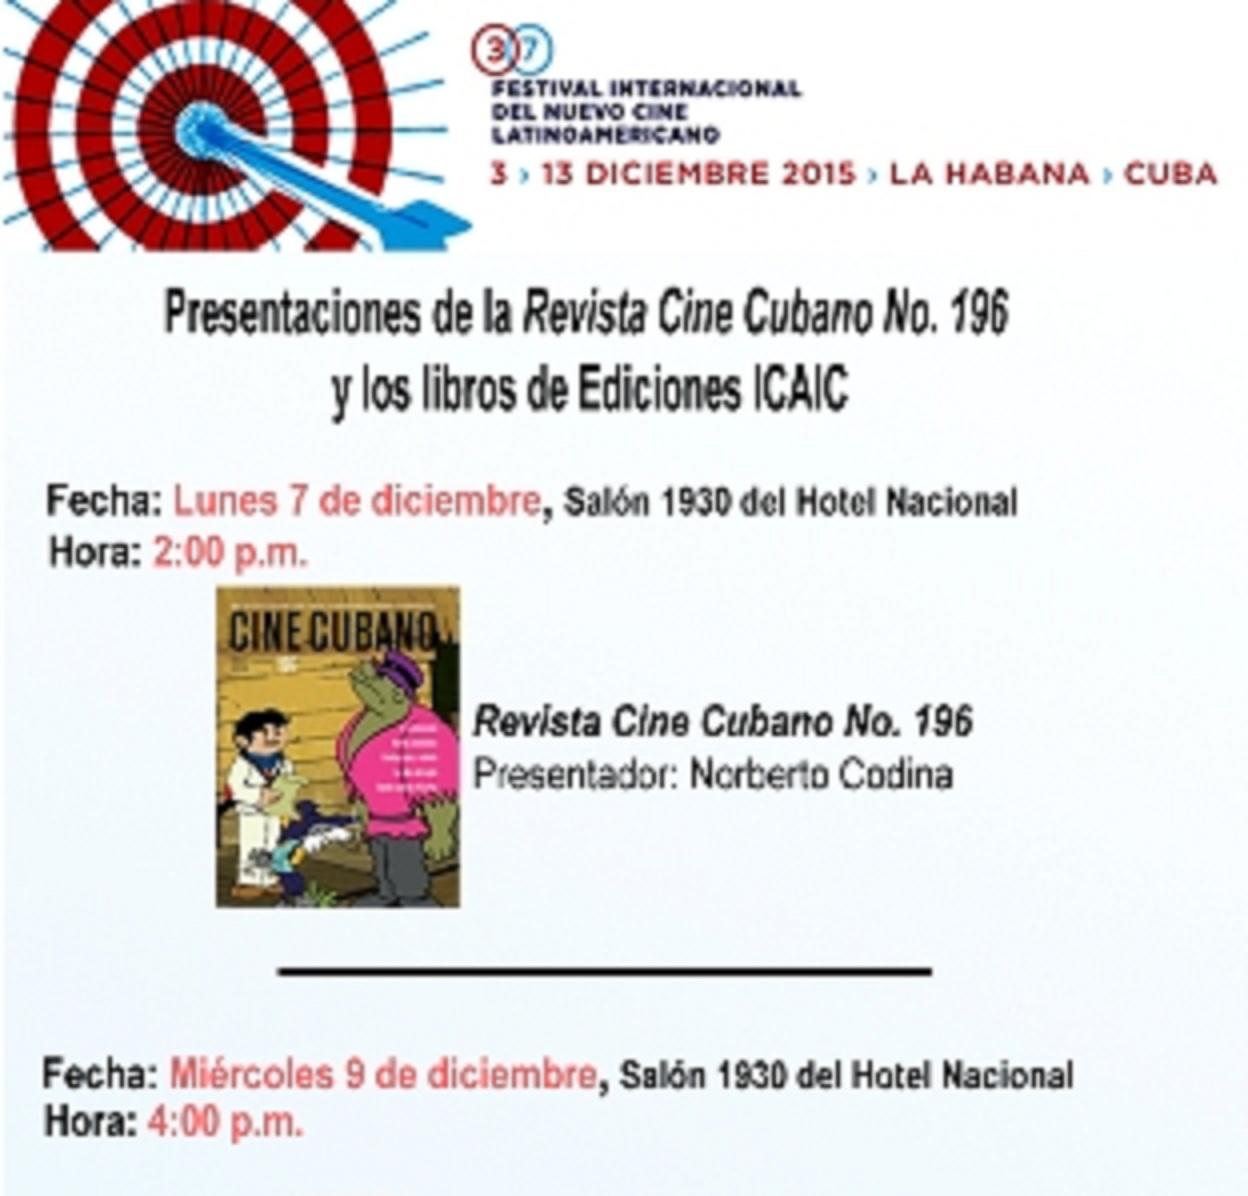 ediciones-icaic-en-el-festival-de-cine